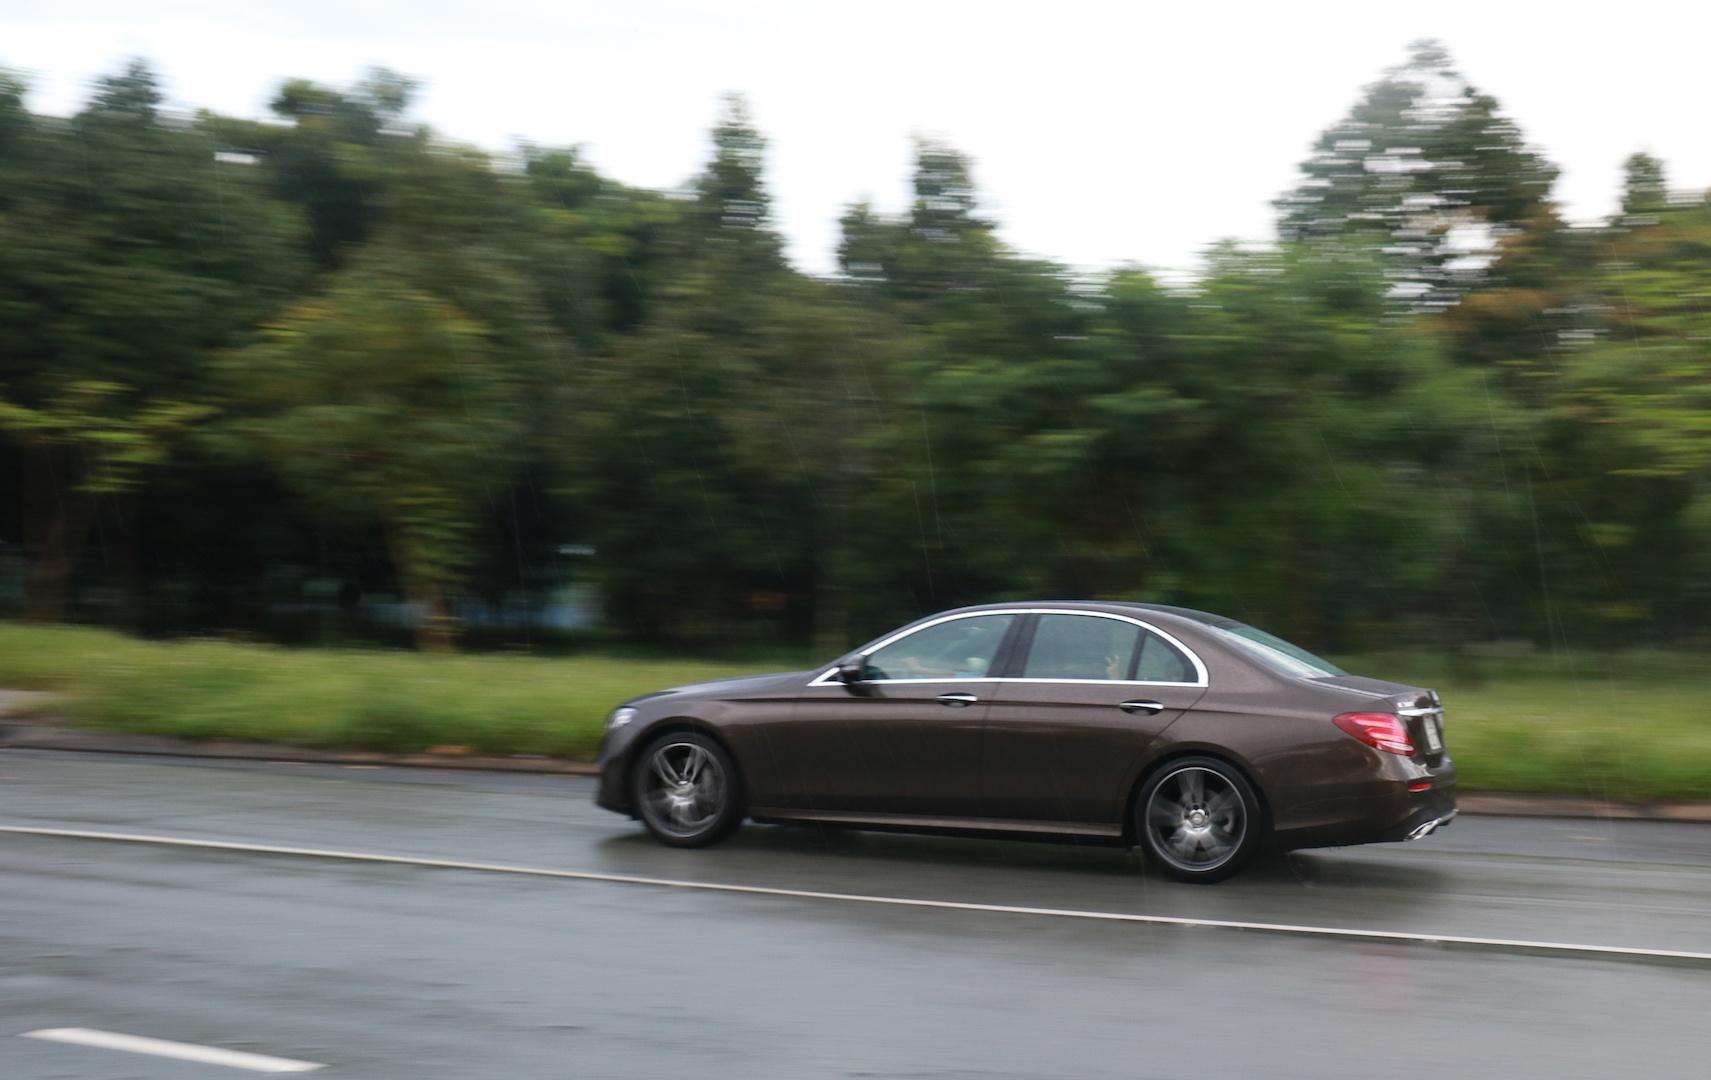 Mercedes E300 AMG - sedan hang sang gia 3 ty dong tai Viet Nam hinh anh 3